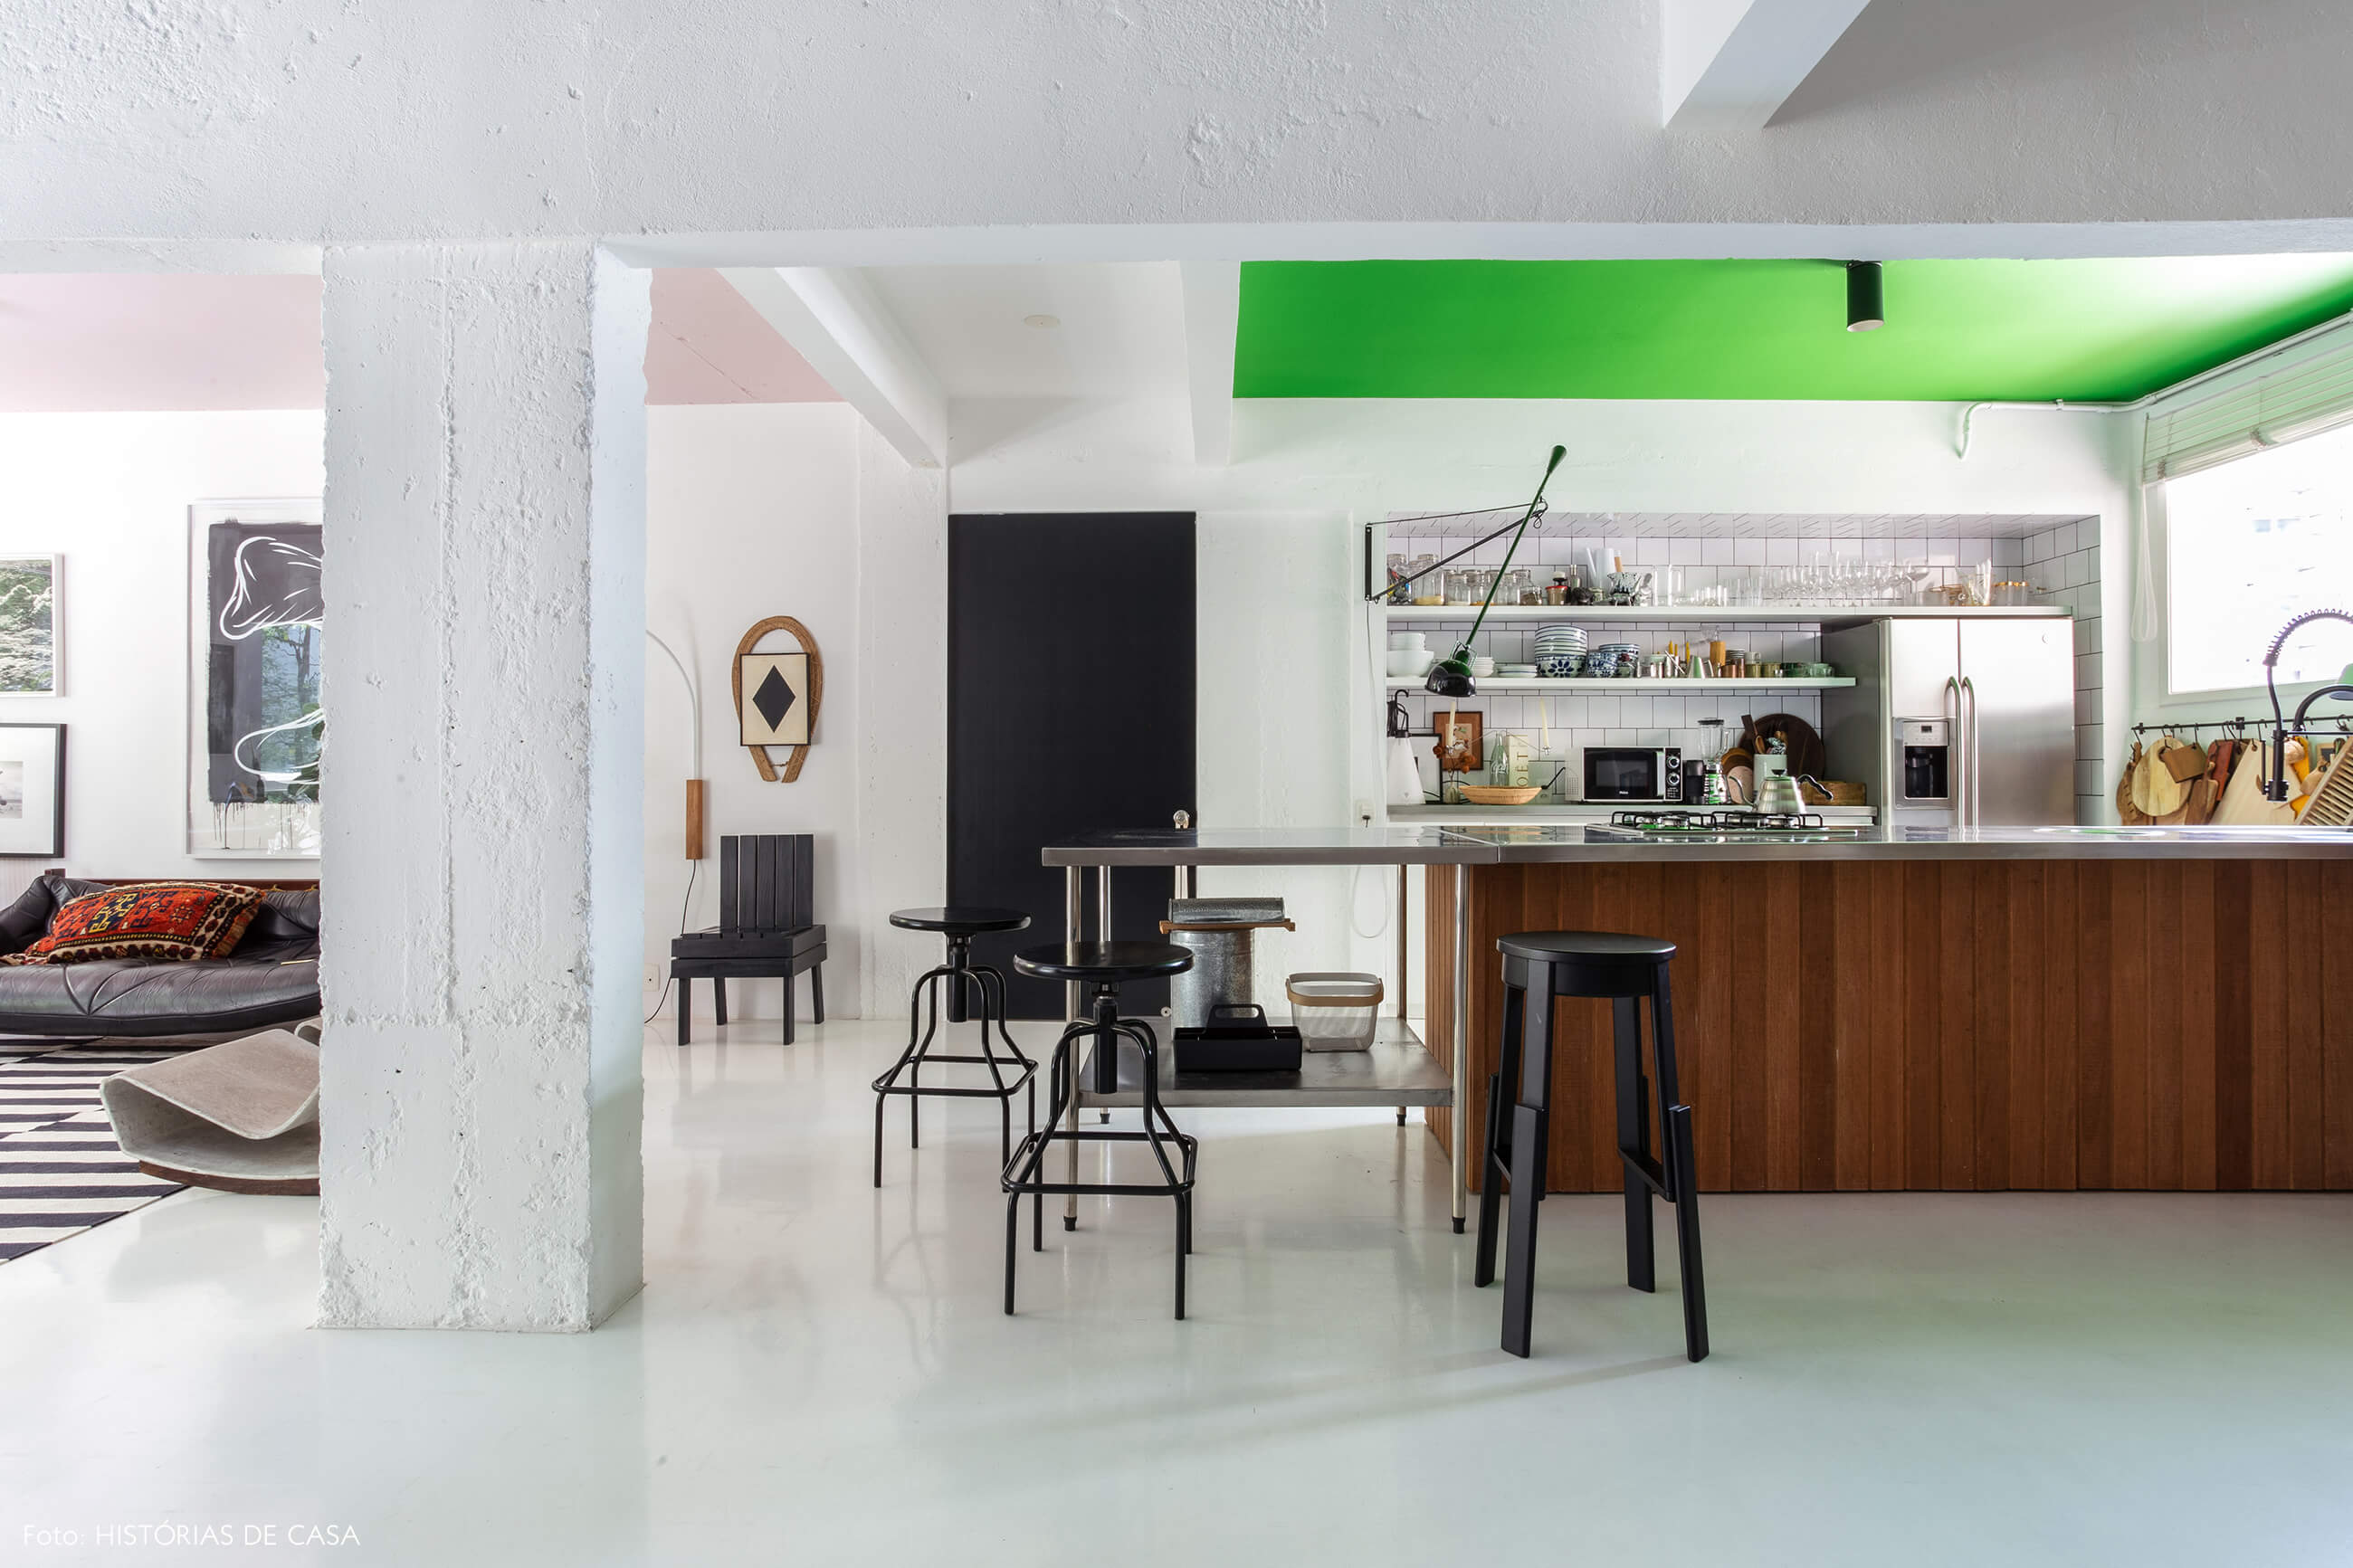 Apartamento do Maurício Arruda, cozinha com piso branco e teto pintado de verde